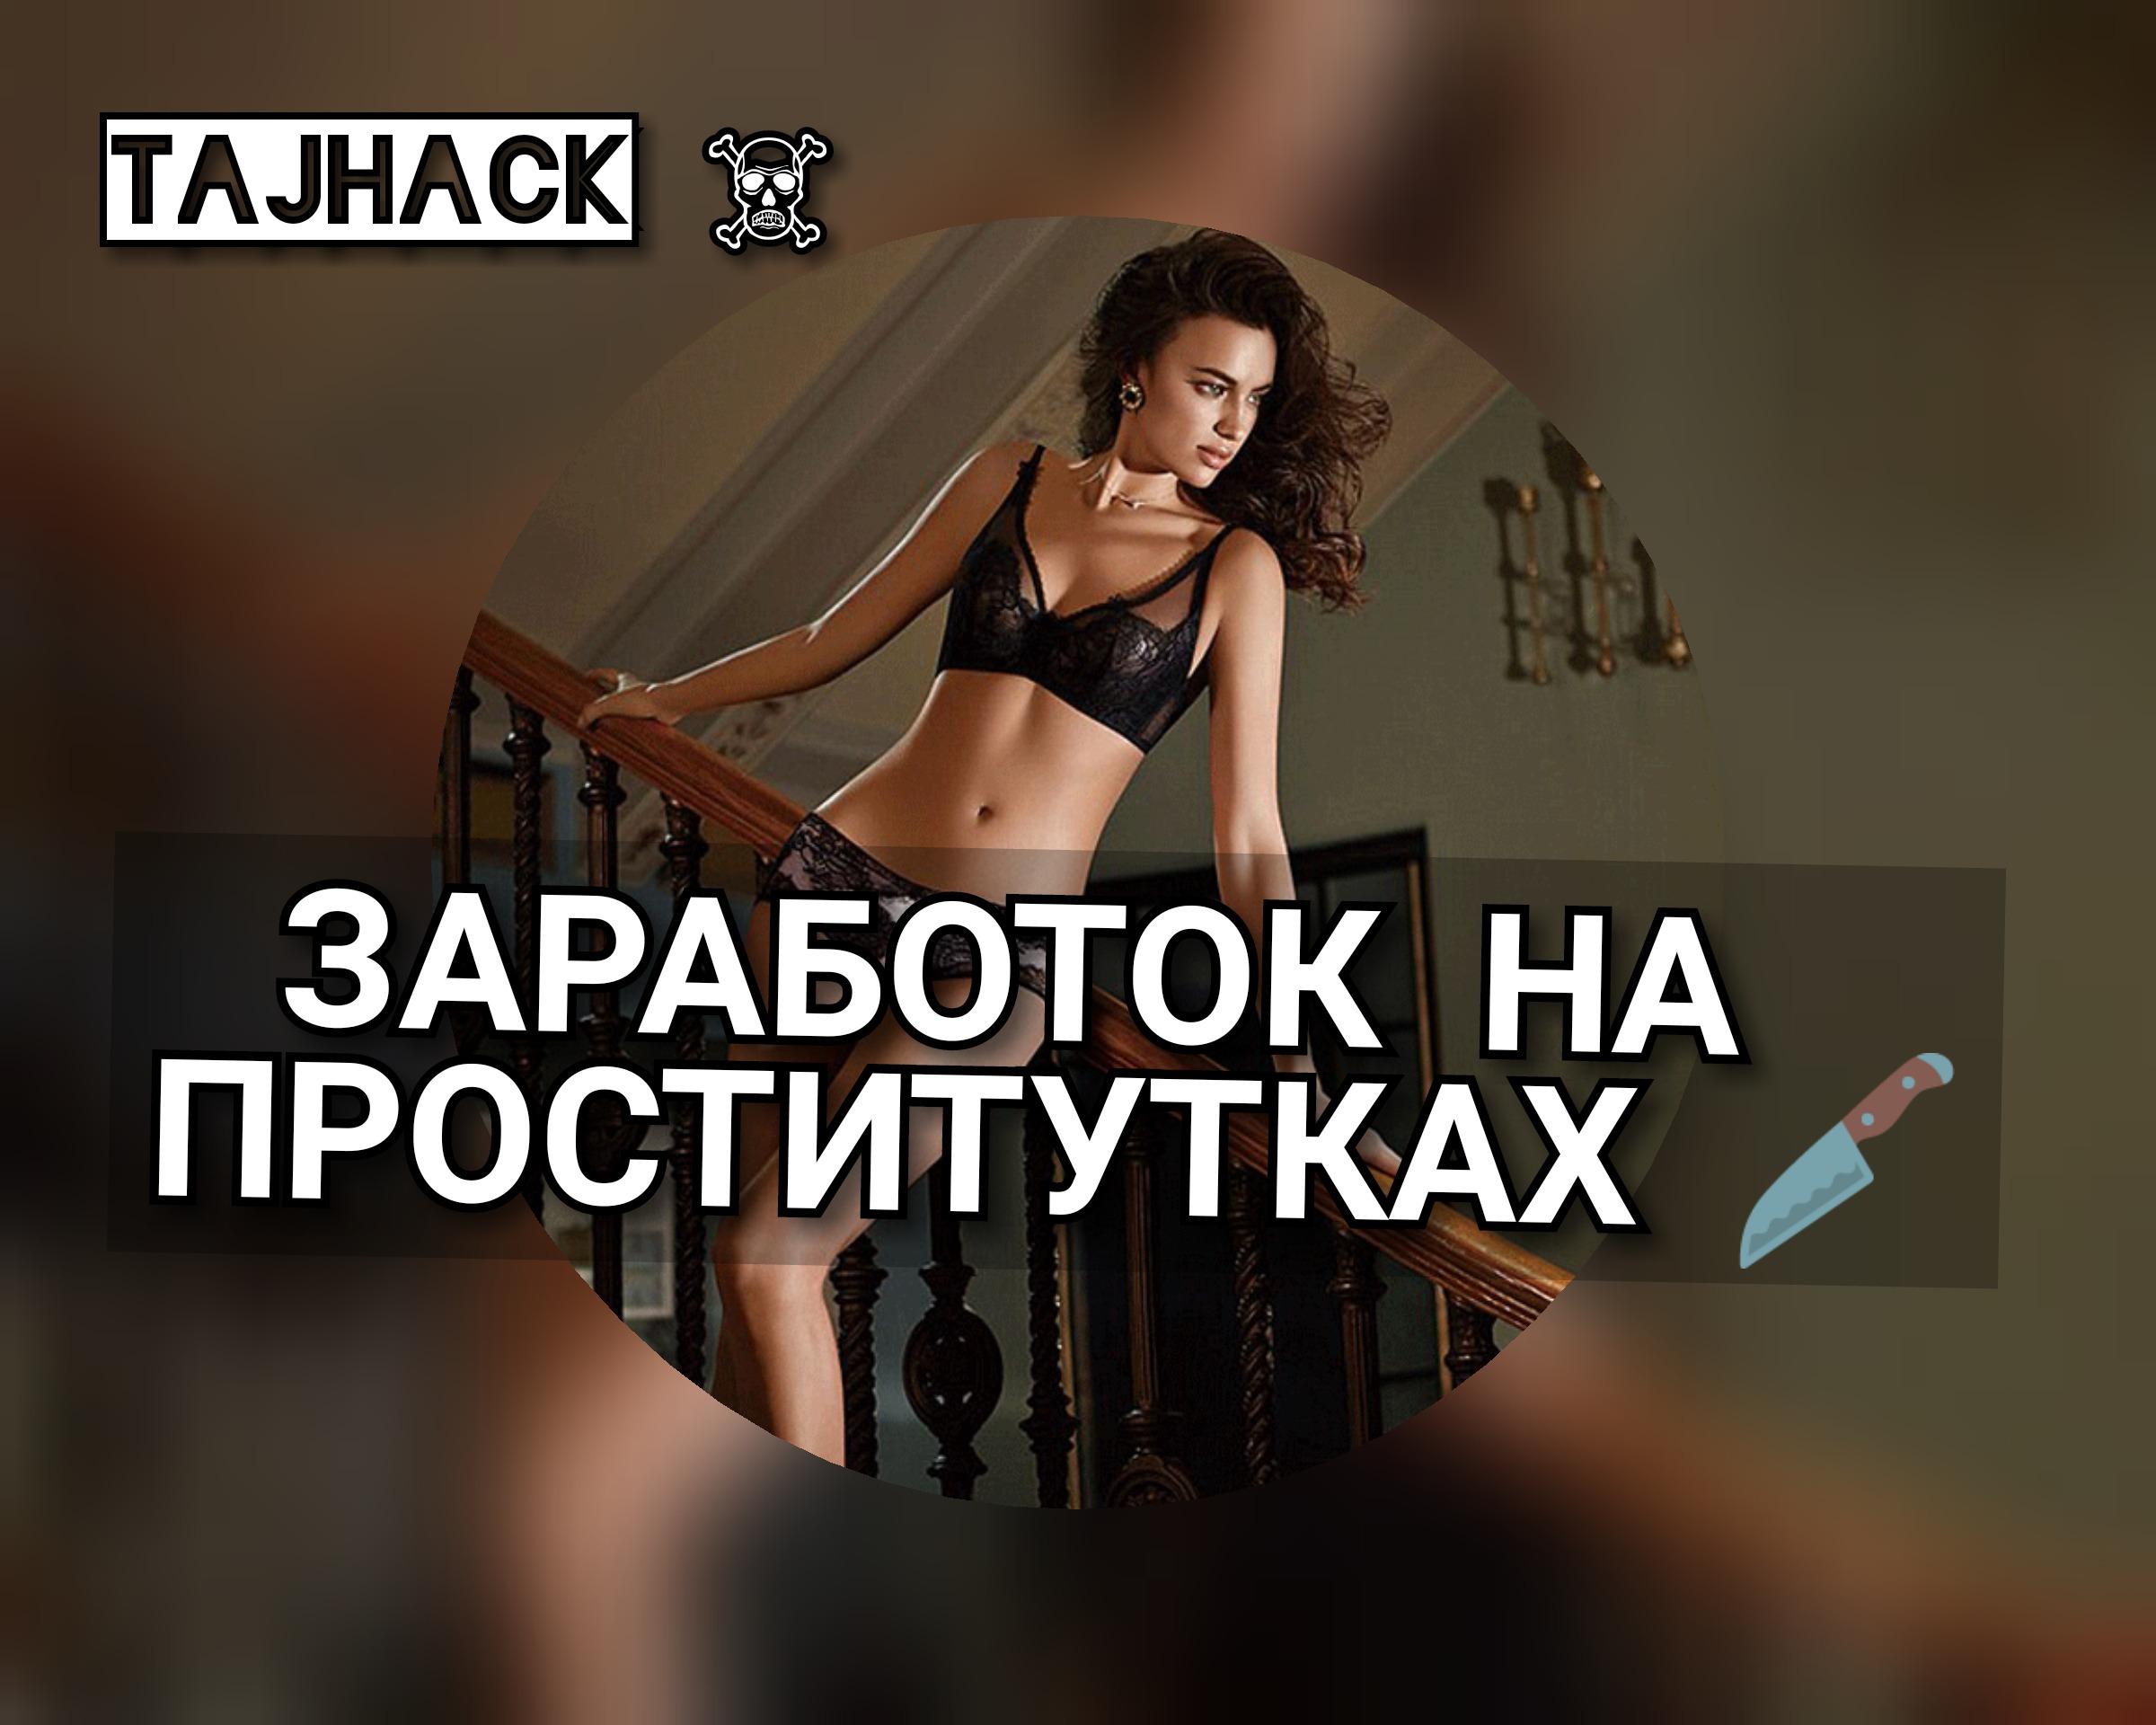 Проститутка заработок форум индивидуалки тюмень